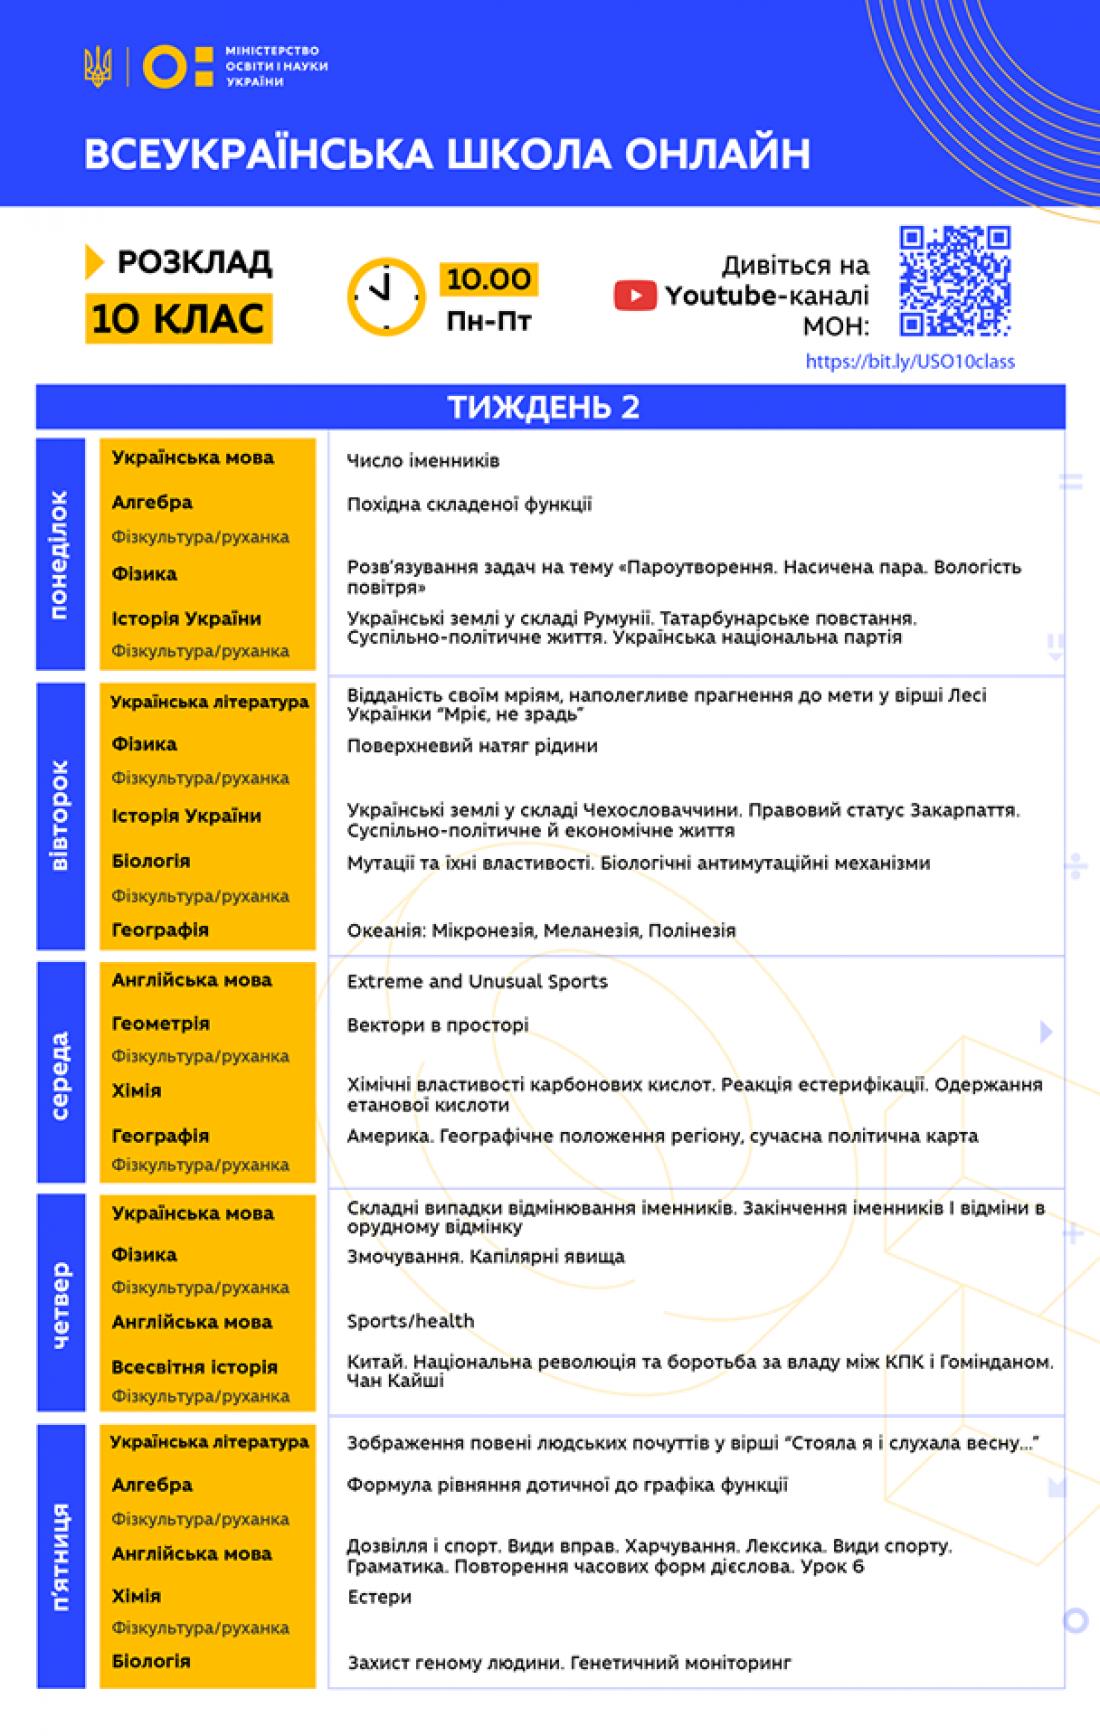 Всеукраинская школа онлайн: Расписание для 10 класса